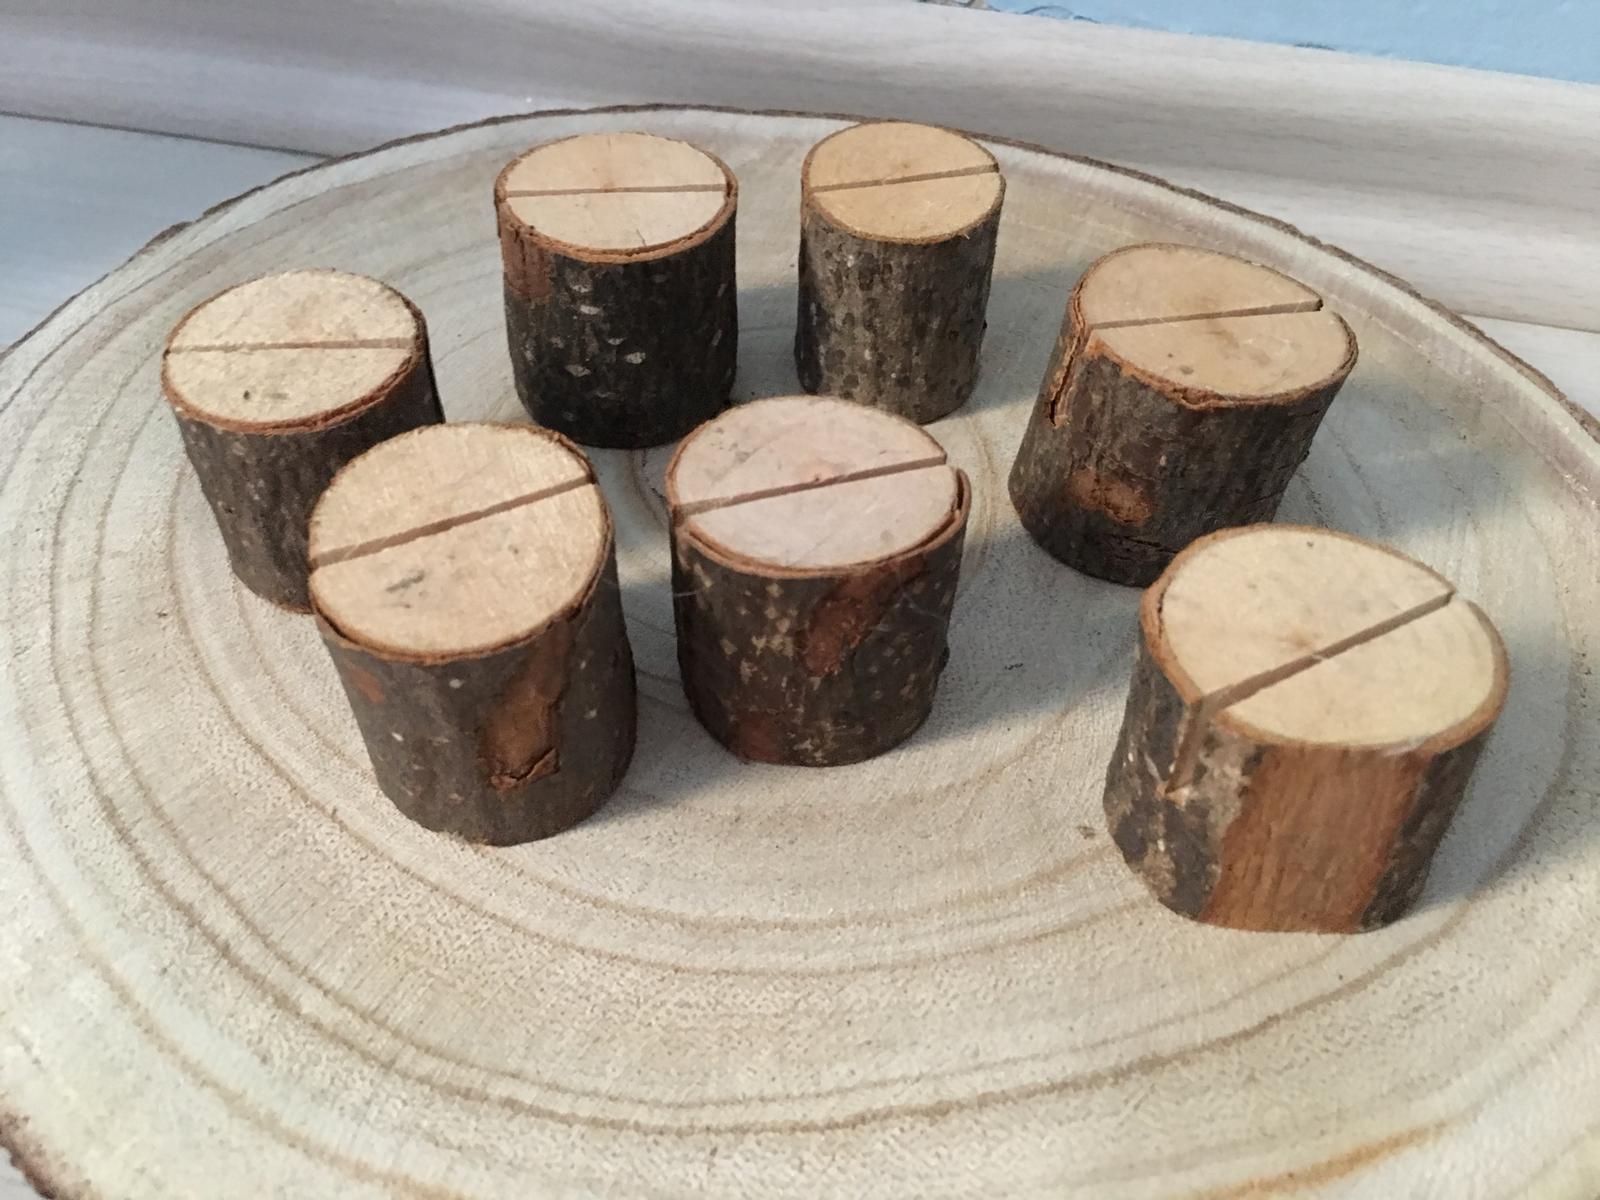 Drevene drziaky na svadobne menu 7 ks - Obrázok č. 1